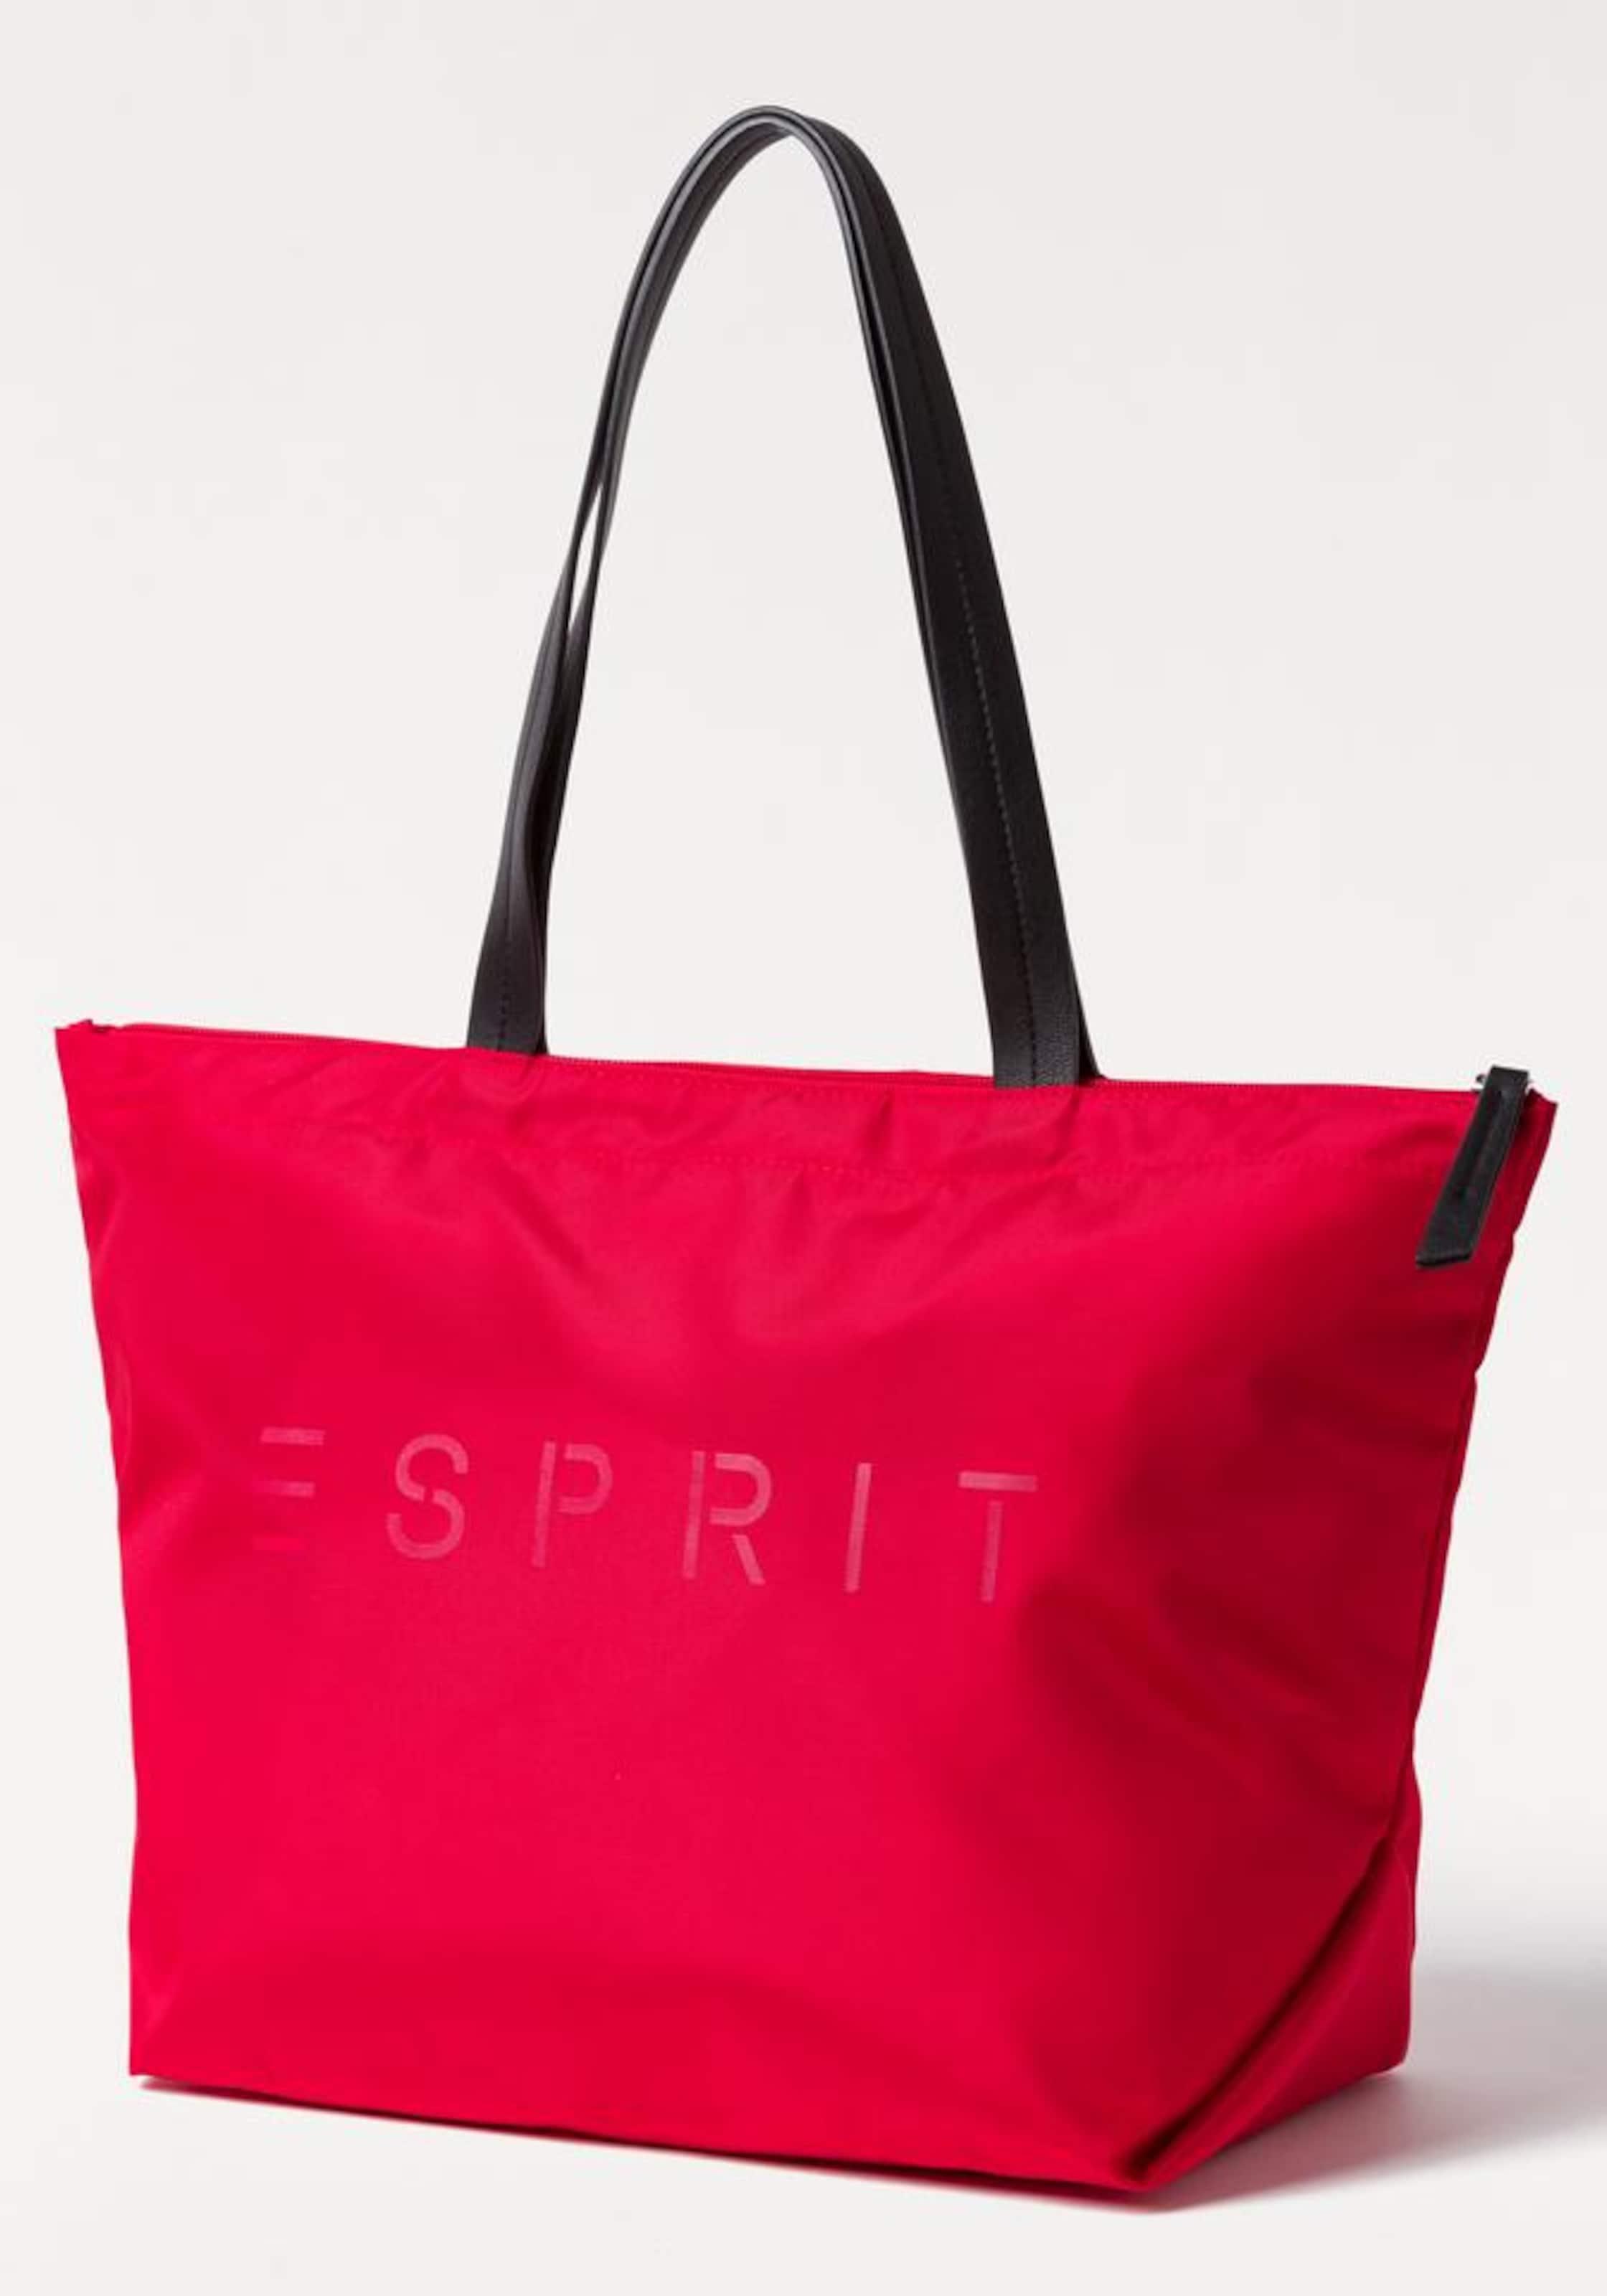 ESPRIT Shopper Am Billigsten Auslass Der Billigsten 67H91MWxXn